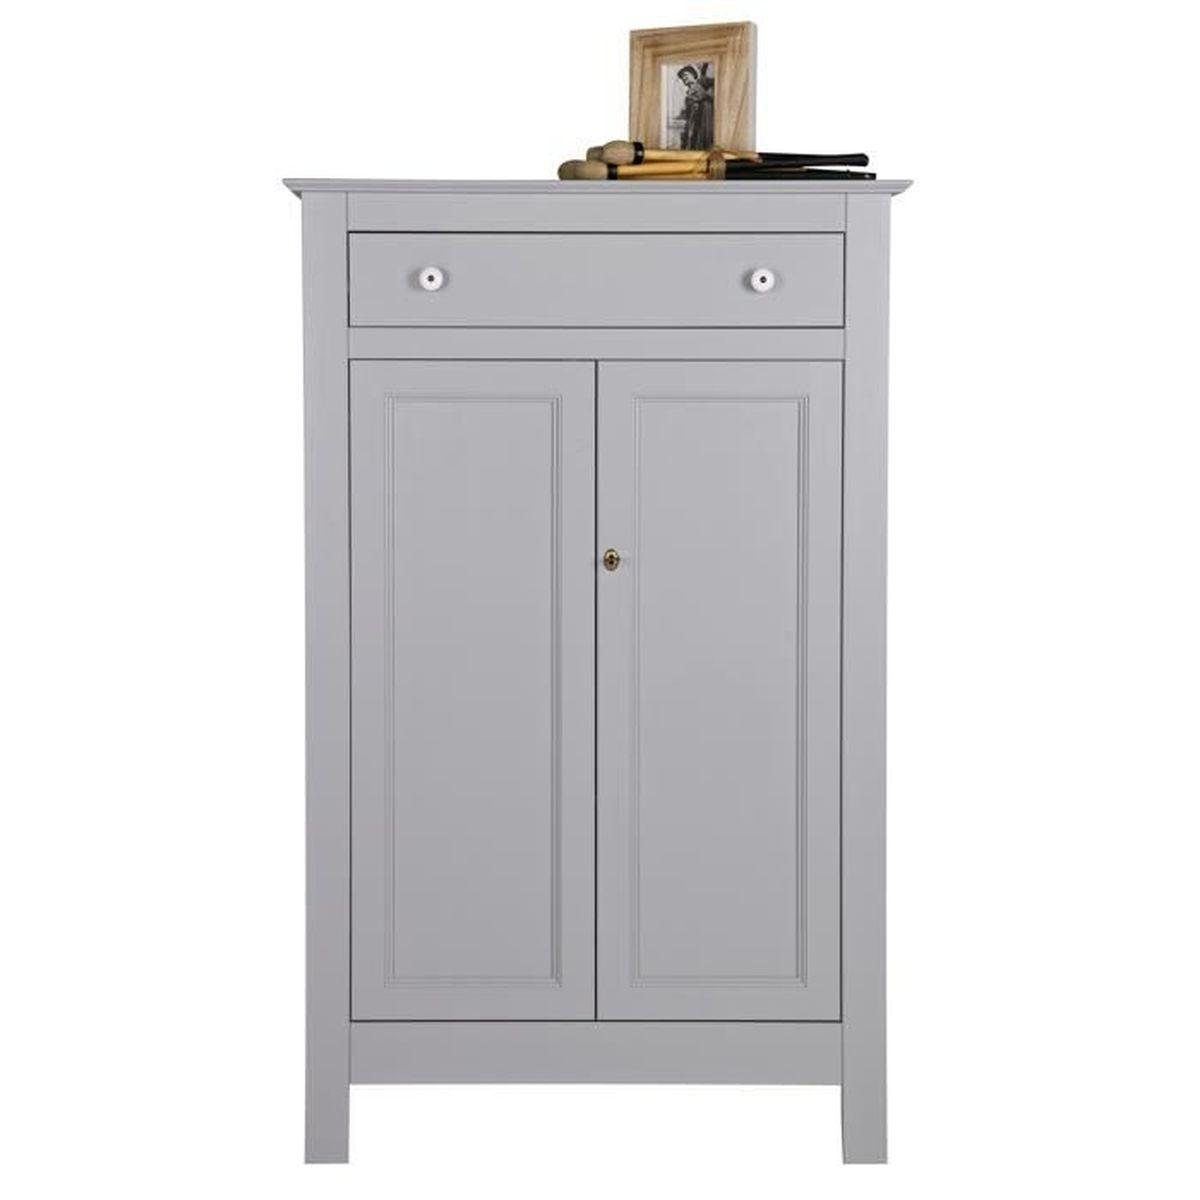 armoire enfant avec 2 portes, en pin massif finition béton gris